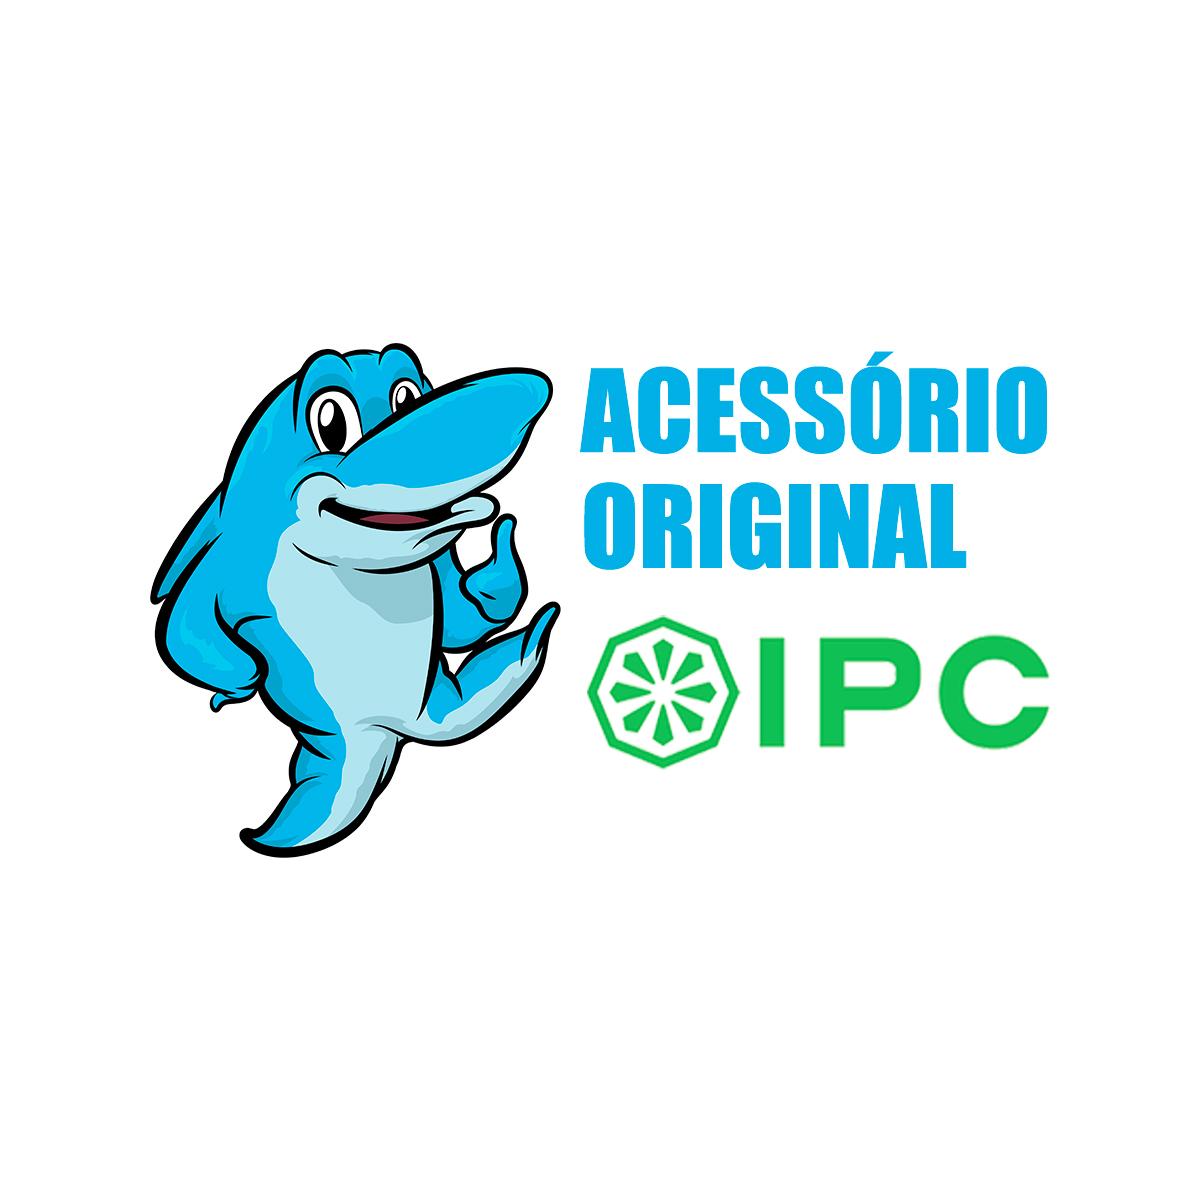 Anel de vedação para Aspirador de pó Ecoclean Original